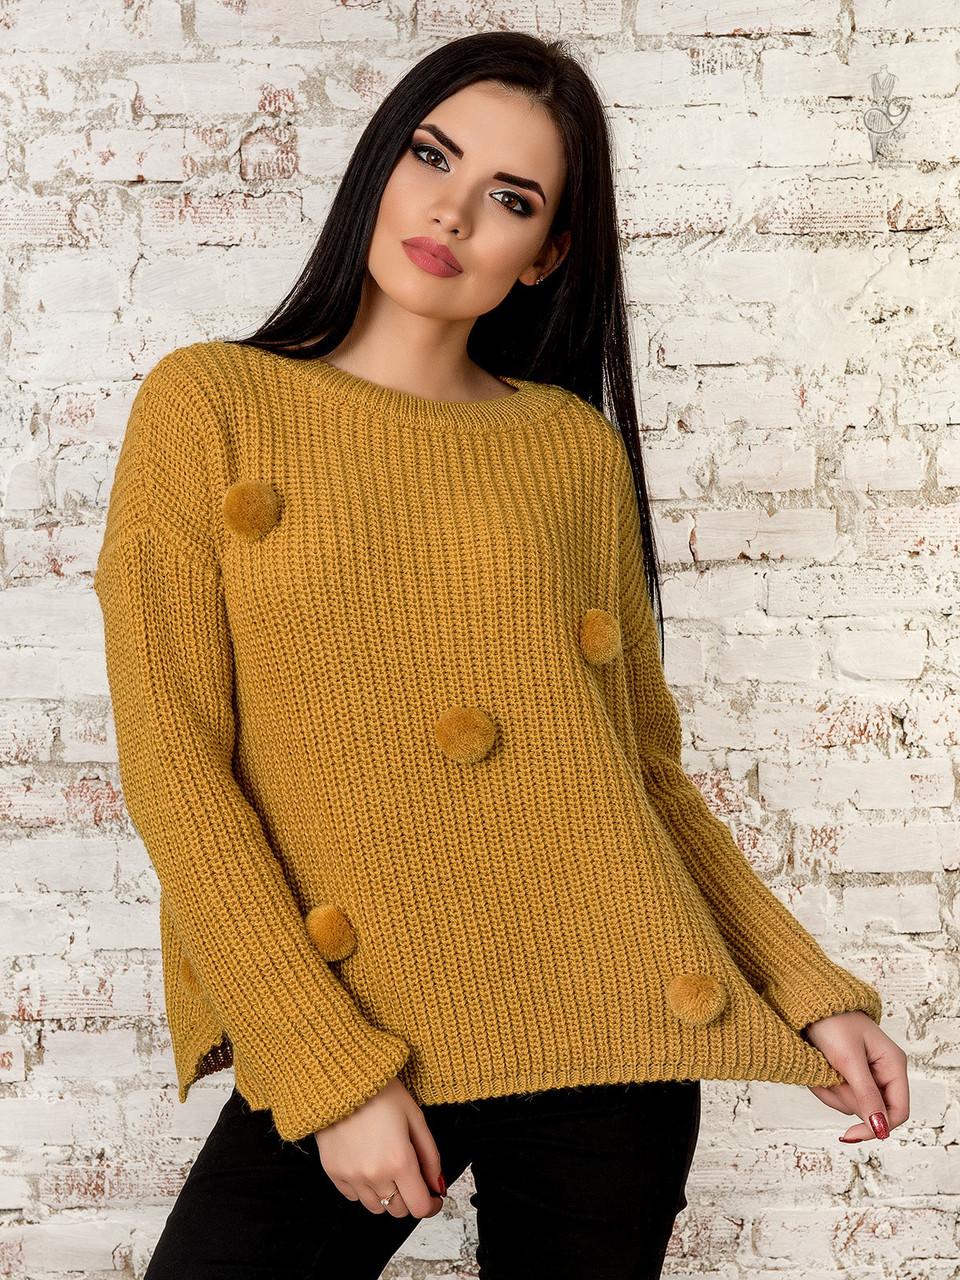 Женский свитер оверсайз Алиса-1 из шерсти и акрила